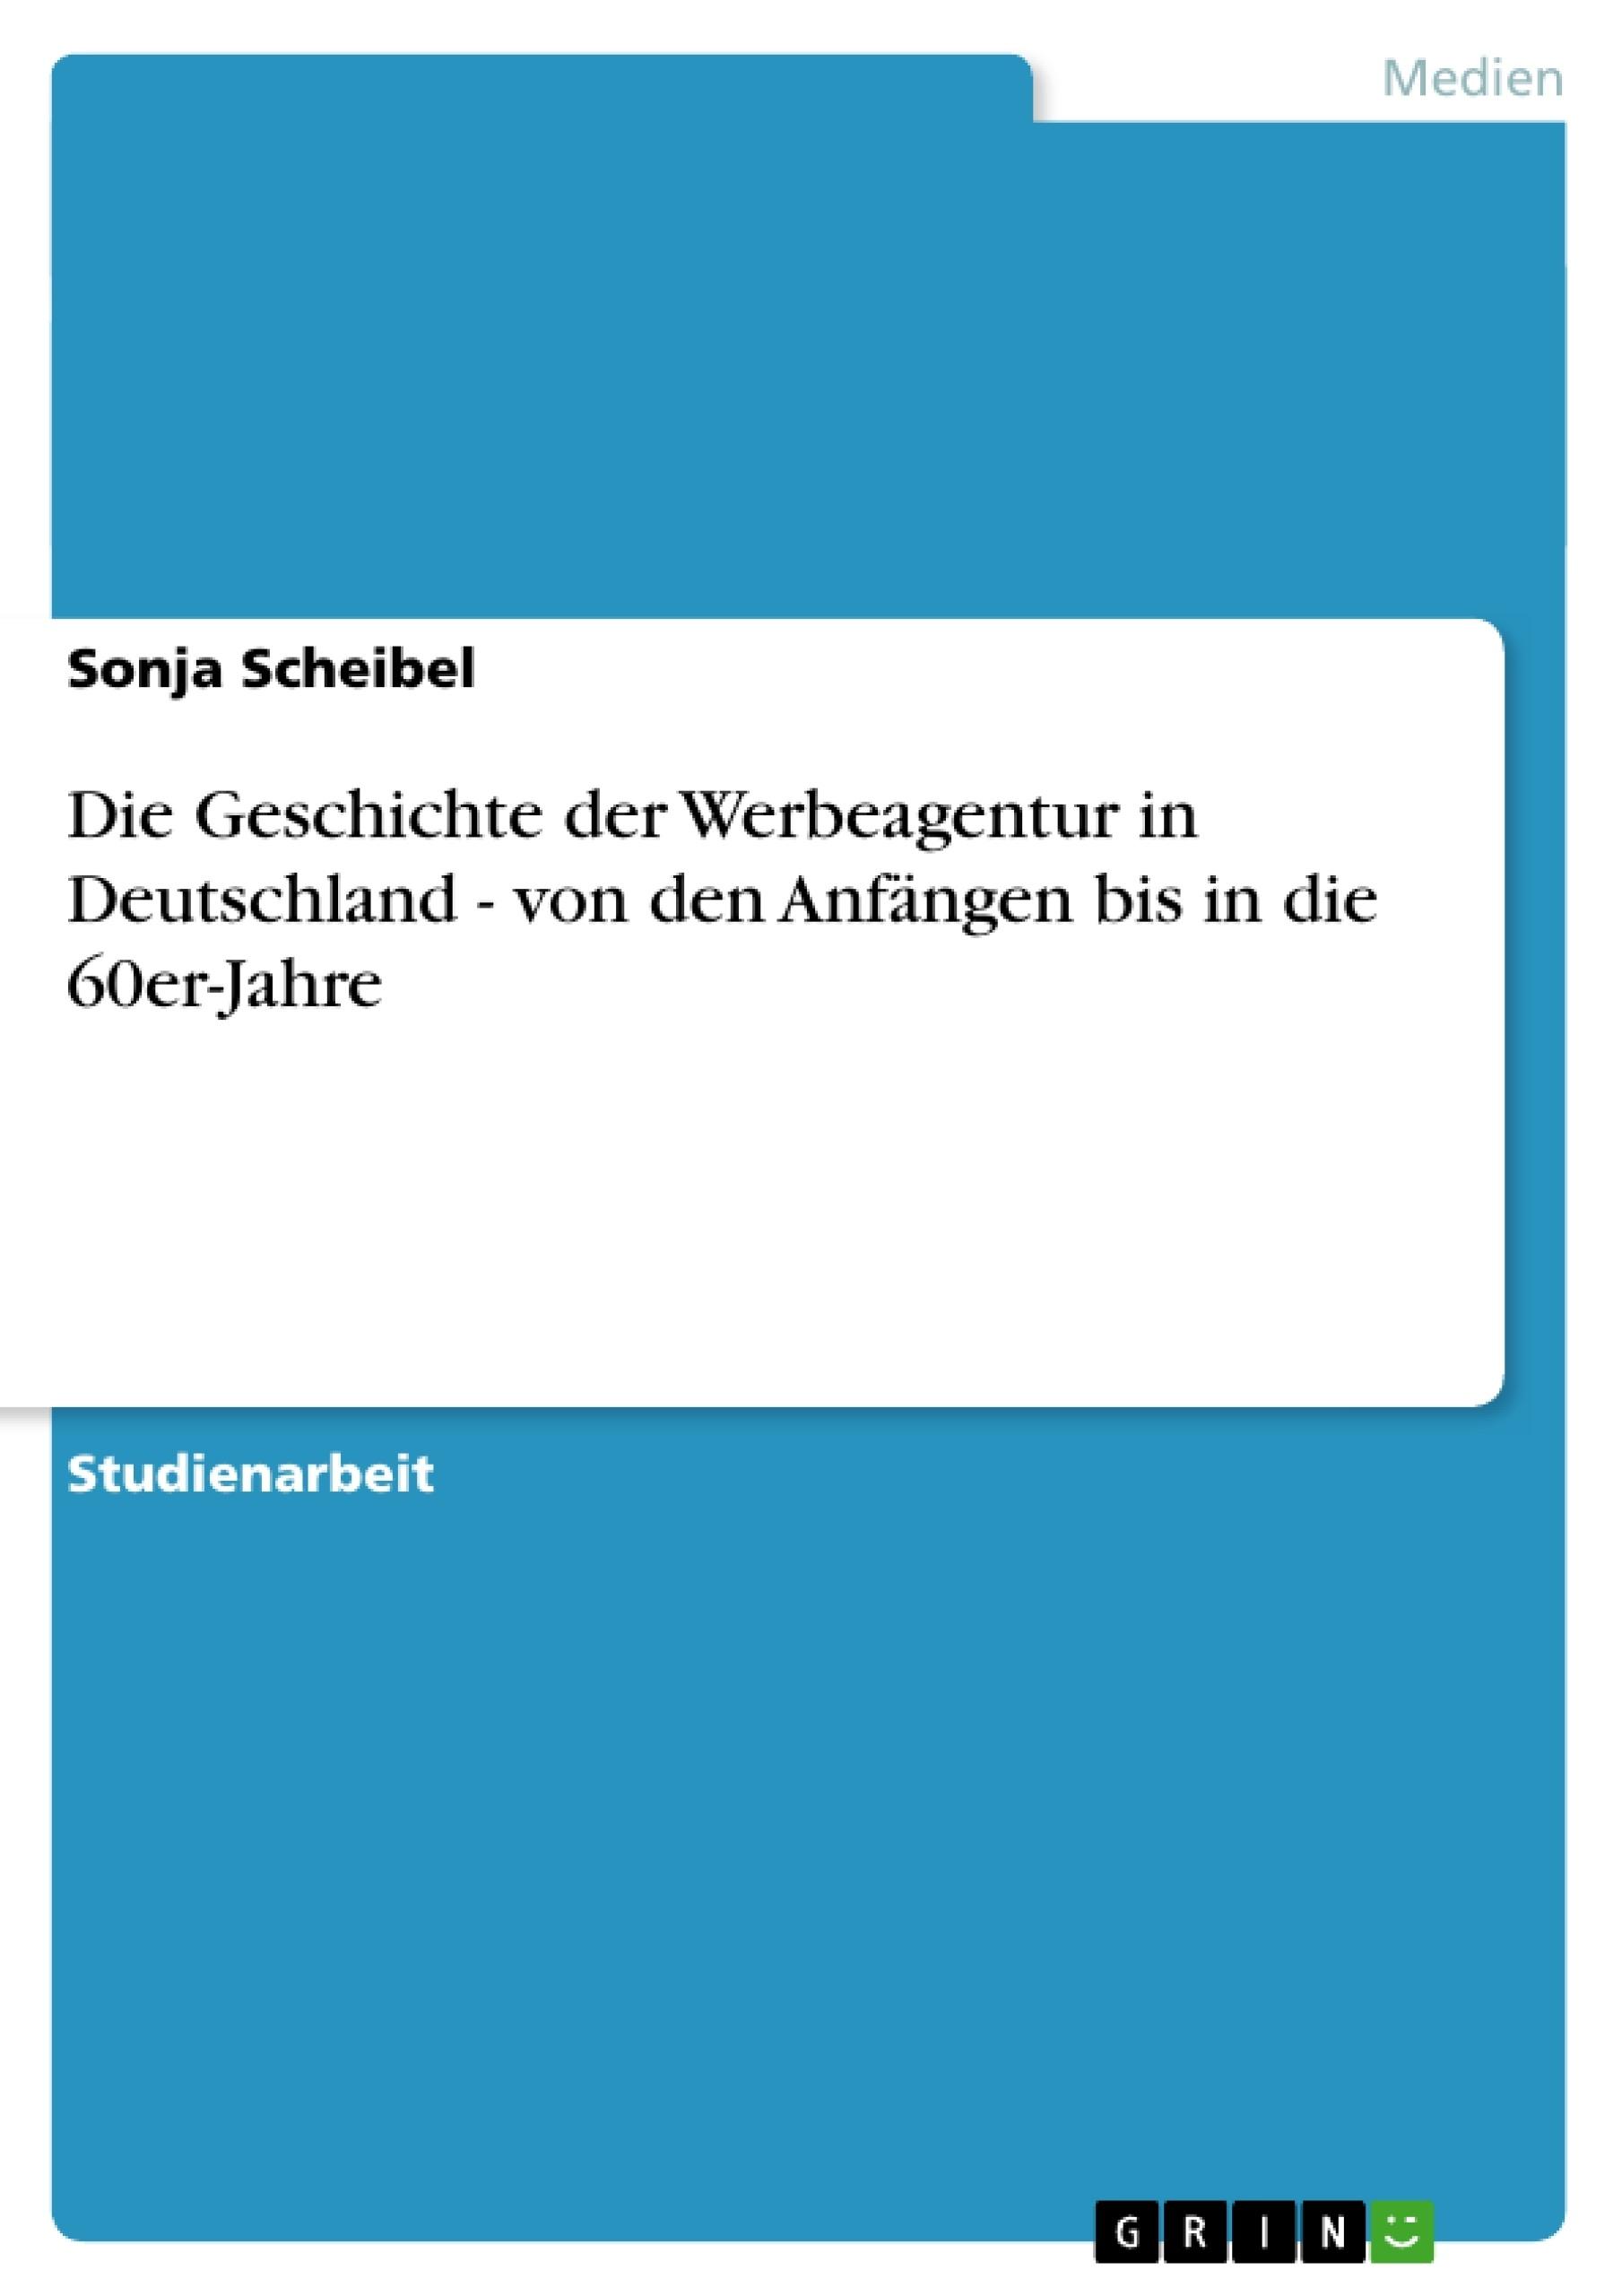 Titel: Die Geschichte der Werbeagentur in Deutschland - von den Anfängen bis in die 60er-Jahre